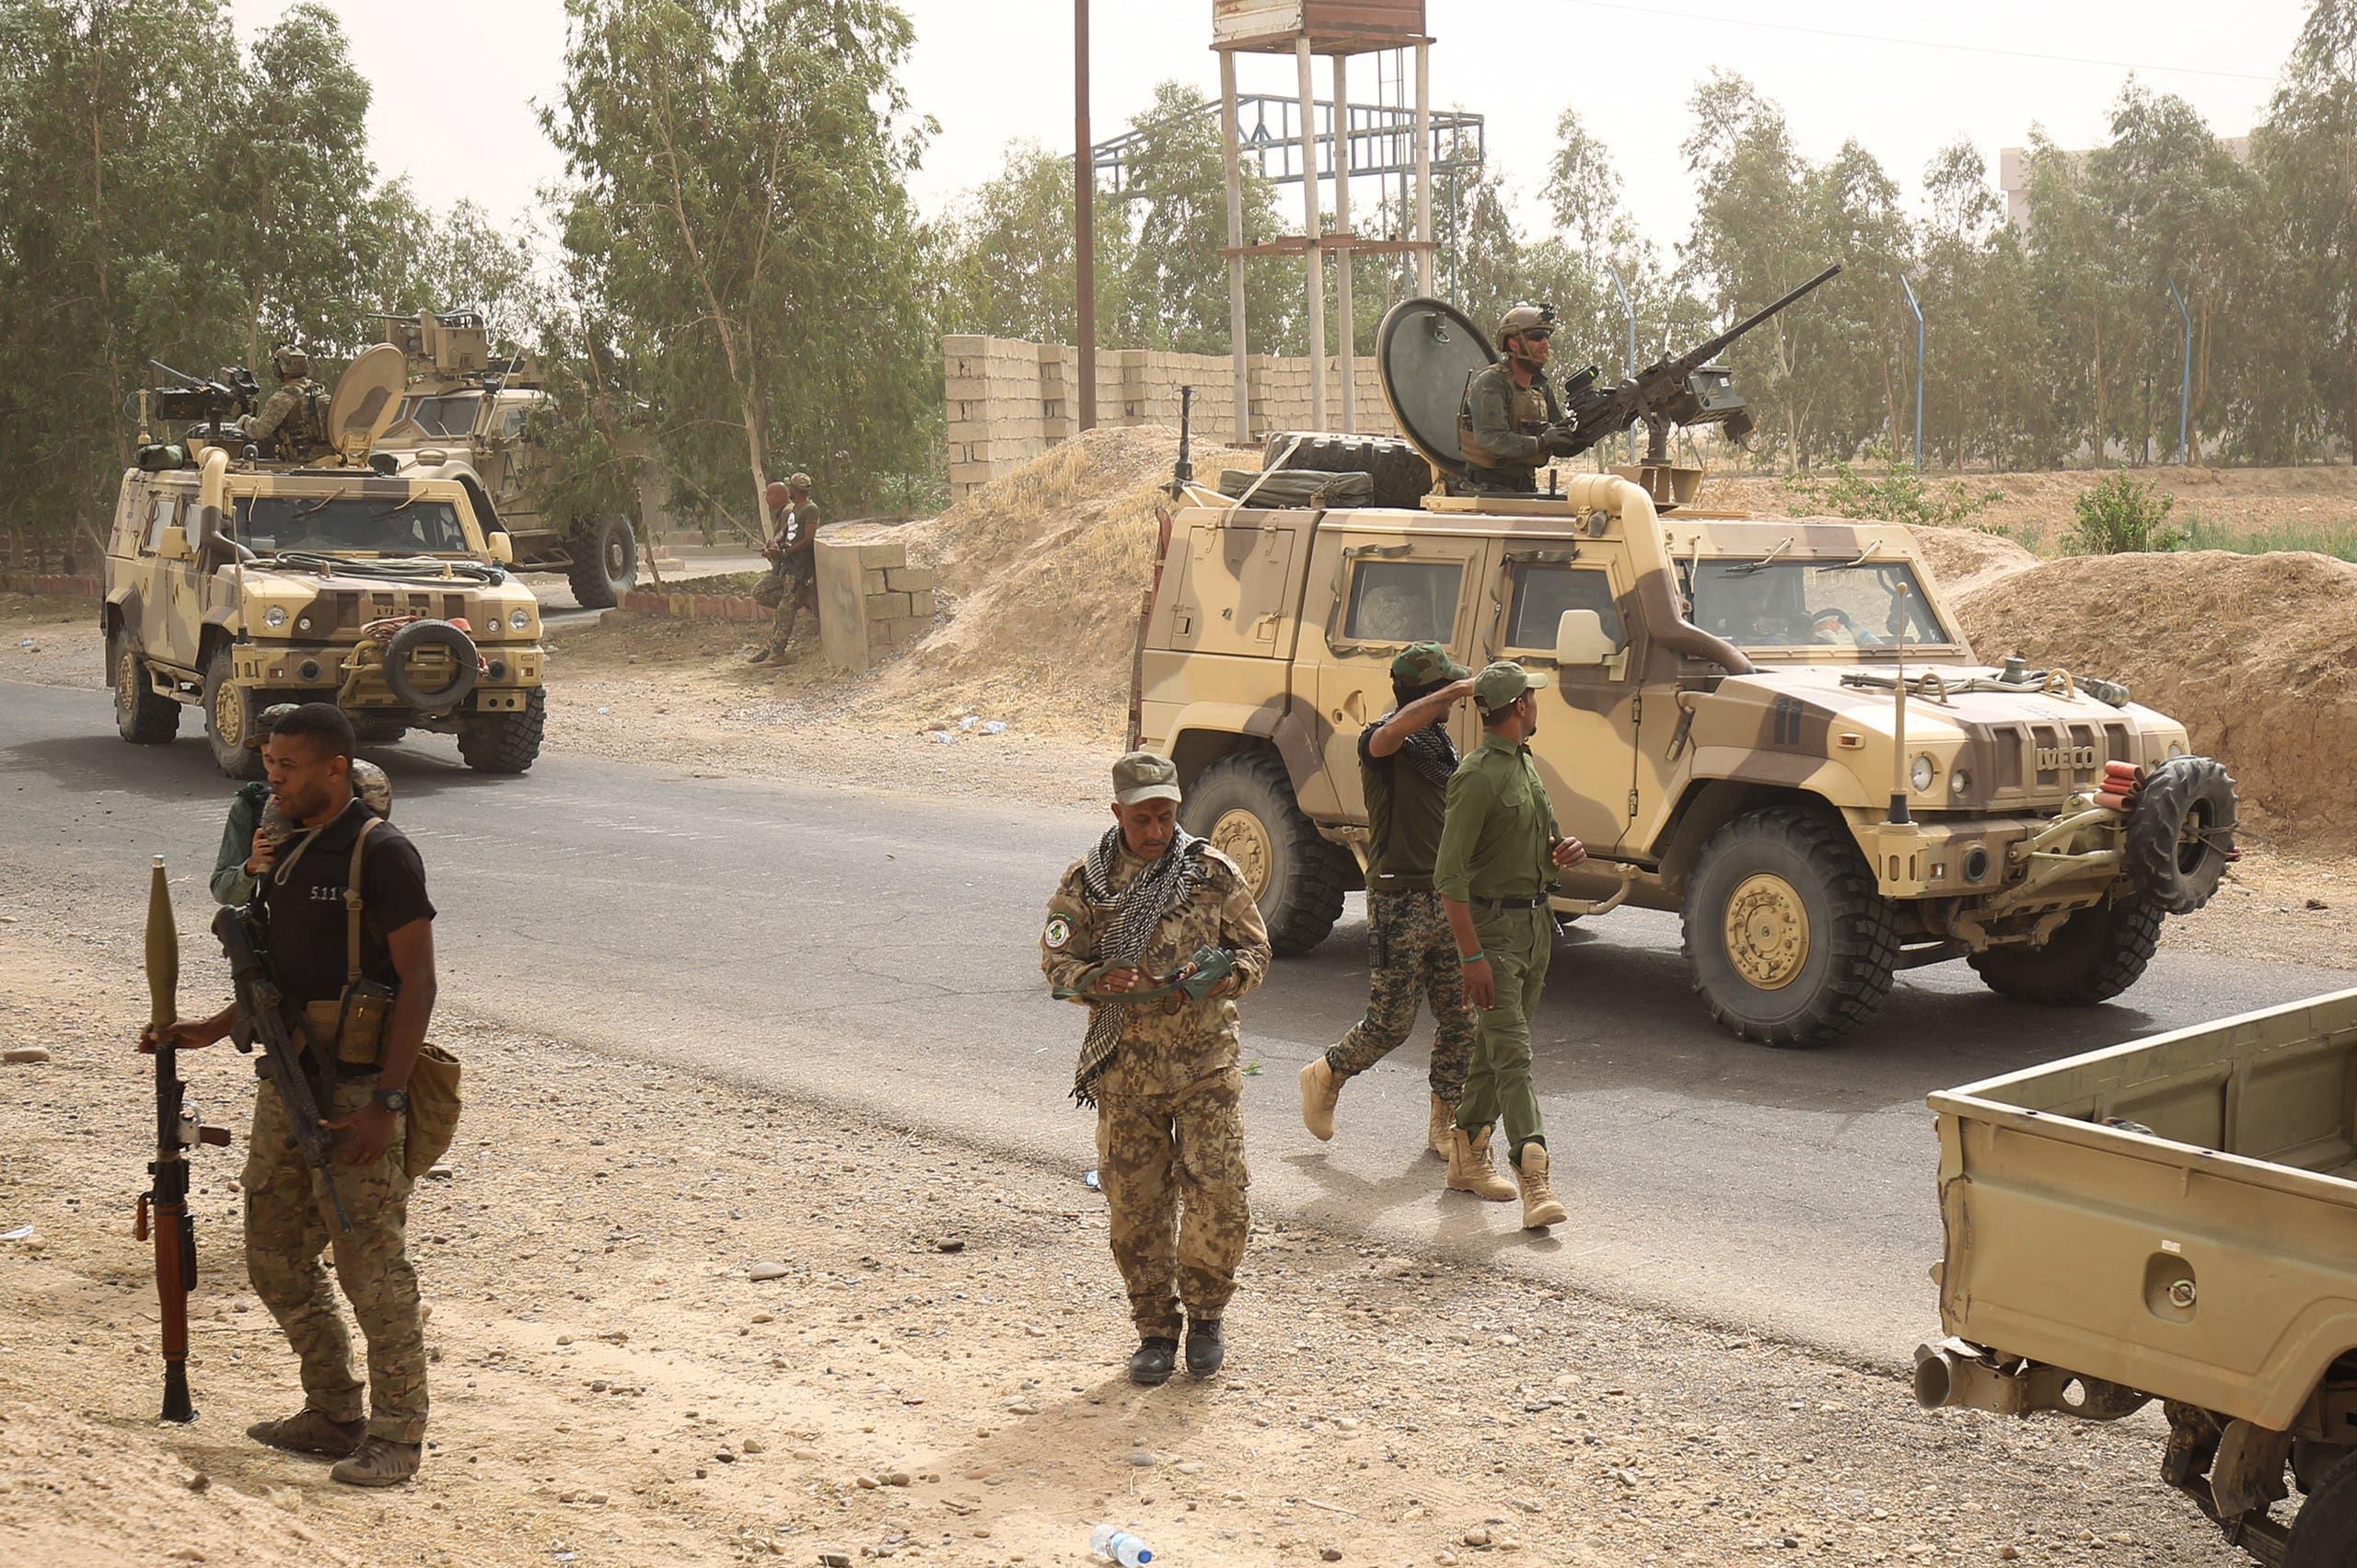 آليات للجيش العراقي وأخرى للتحالف في الحويجة (أرشيفية)